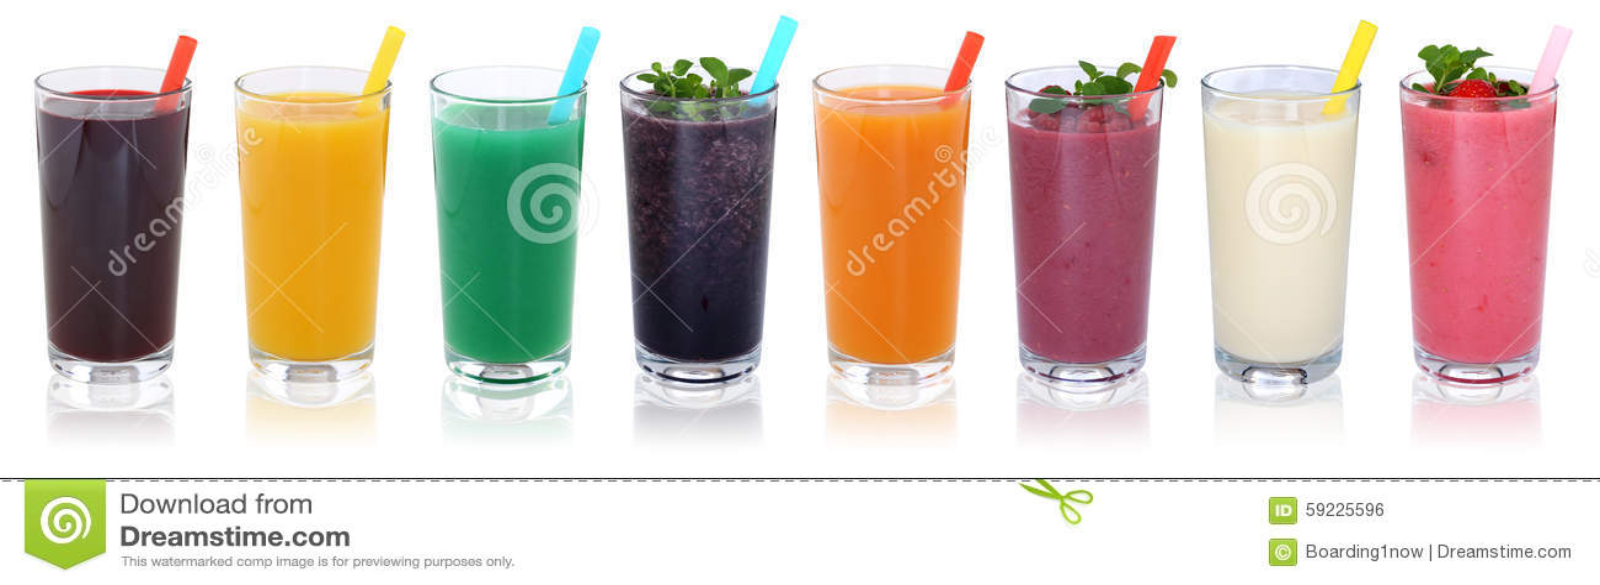 Smoothies för Smoothiefruktfruktsaft dricker med isola för frukter i rad